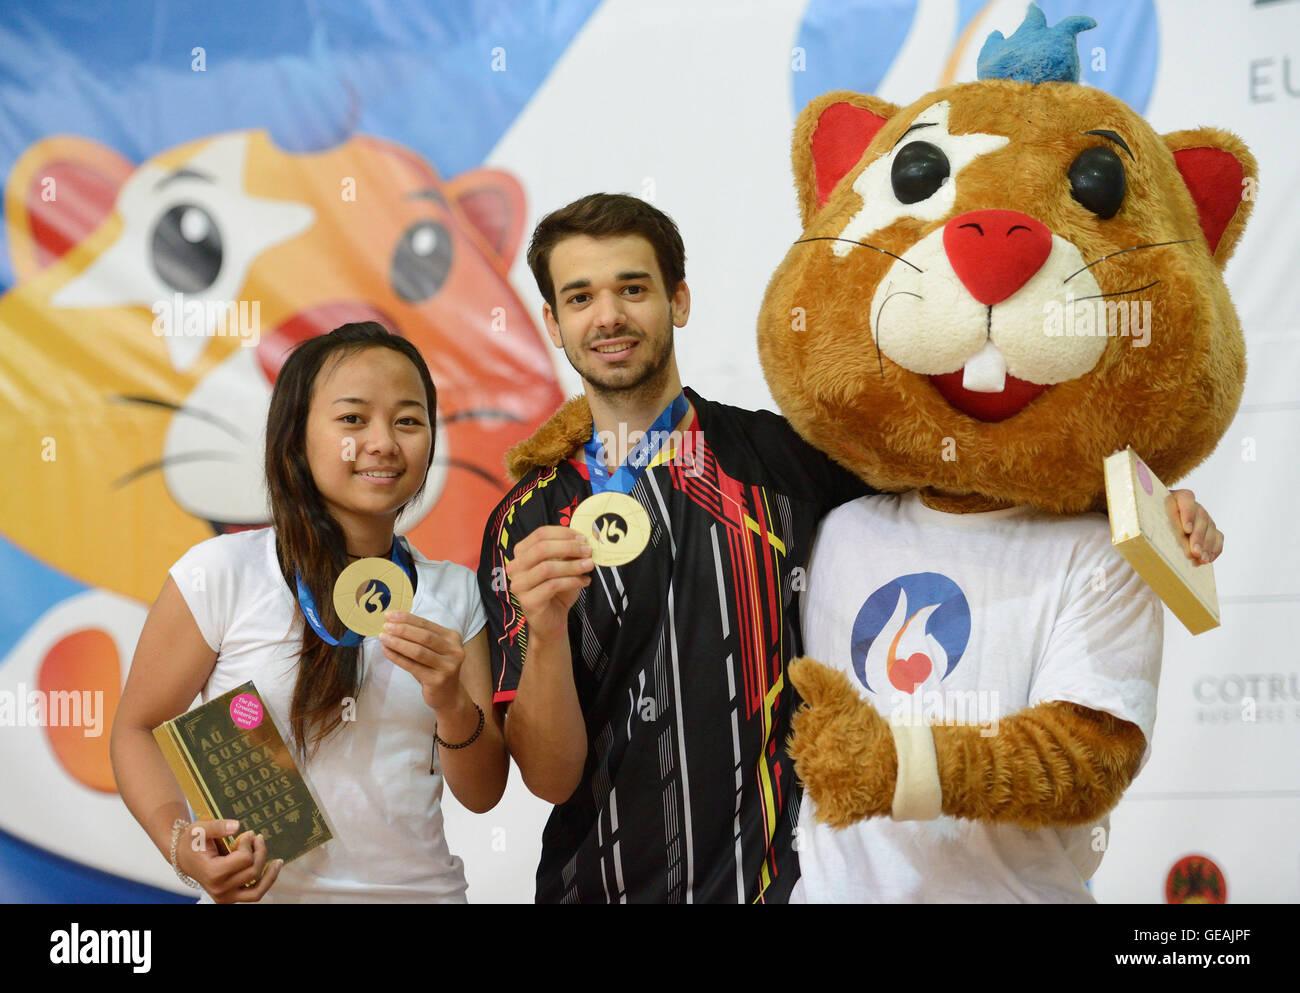 ZAGREB July 25 2016 Xinhua Anastasia Chervyakova